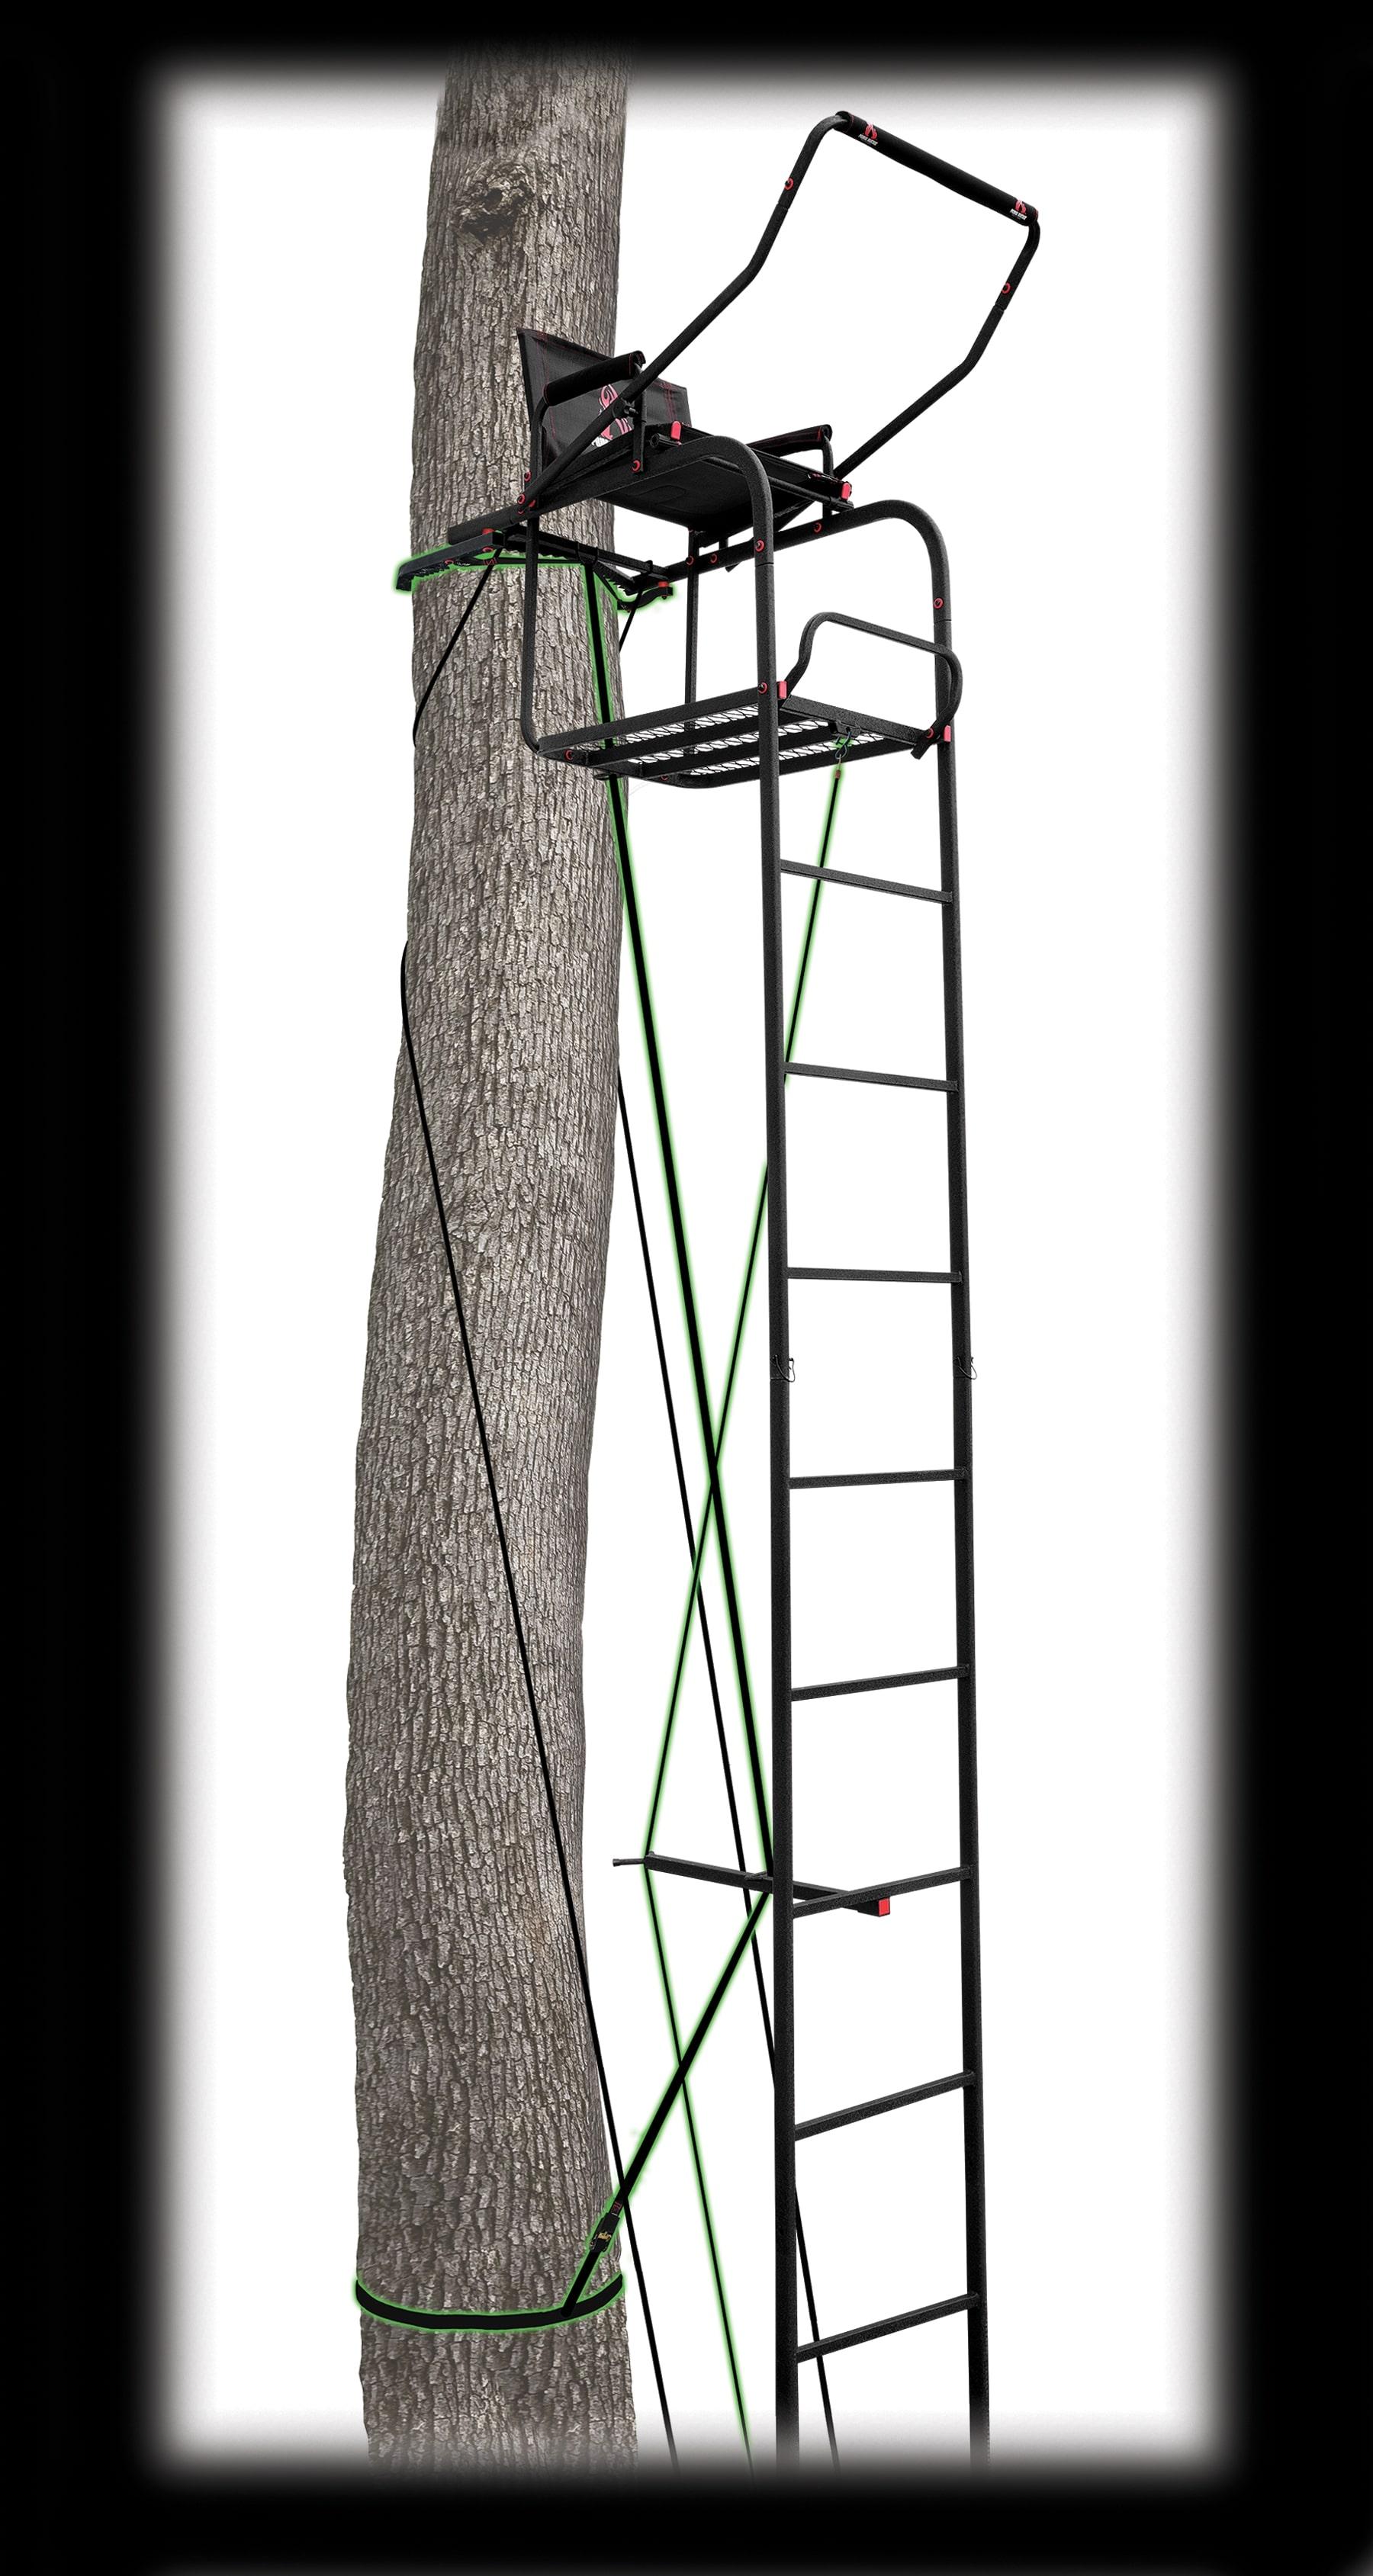 17' Deluxe Ladderstand